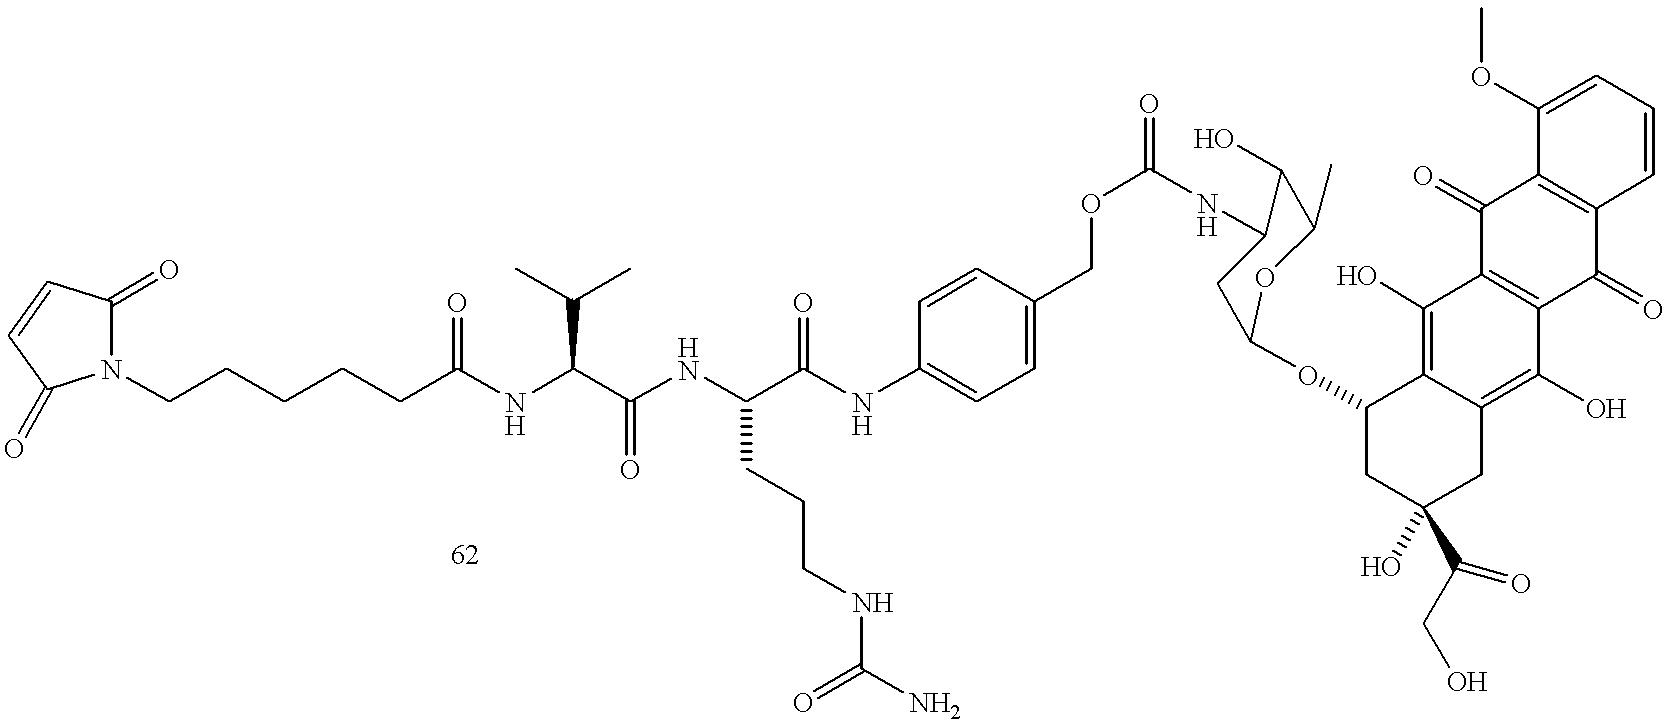 Figure US06214345-20010410-C00064